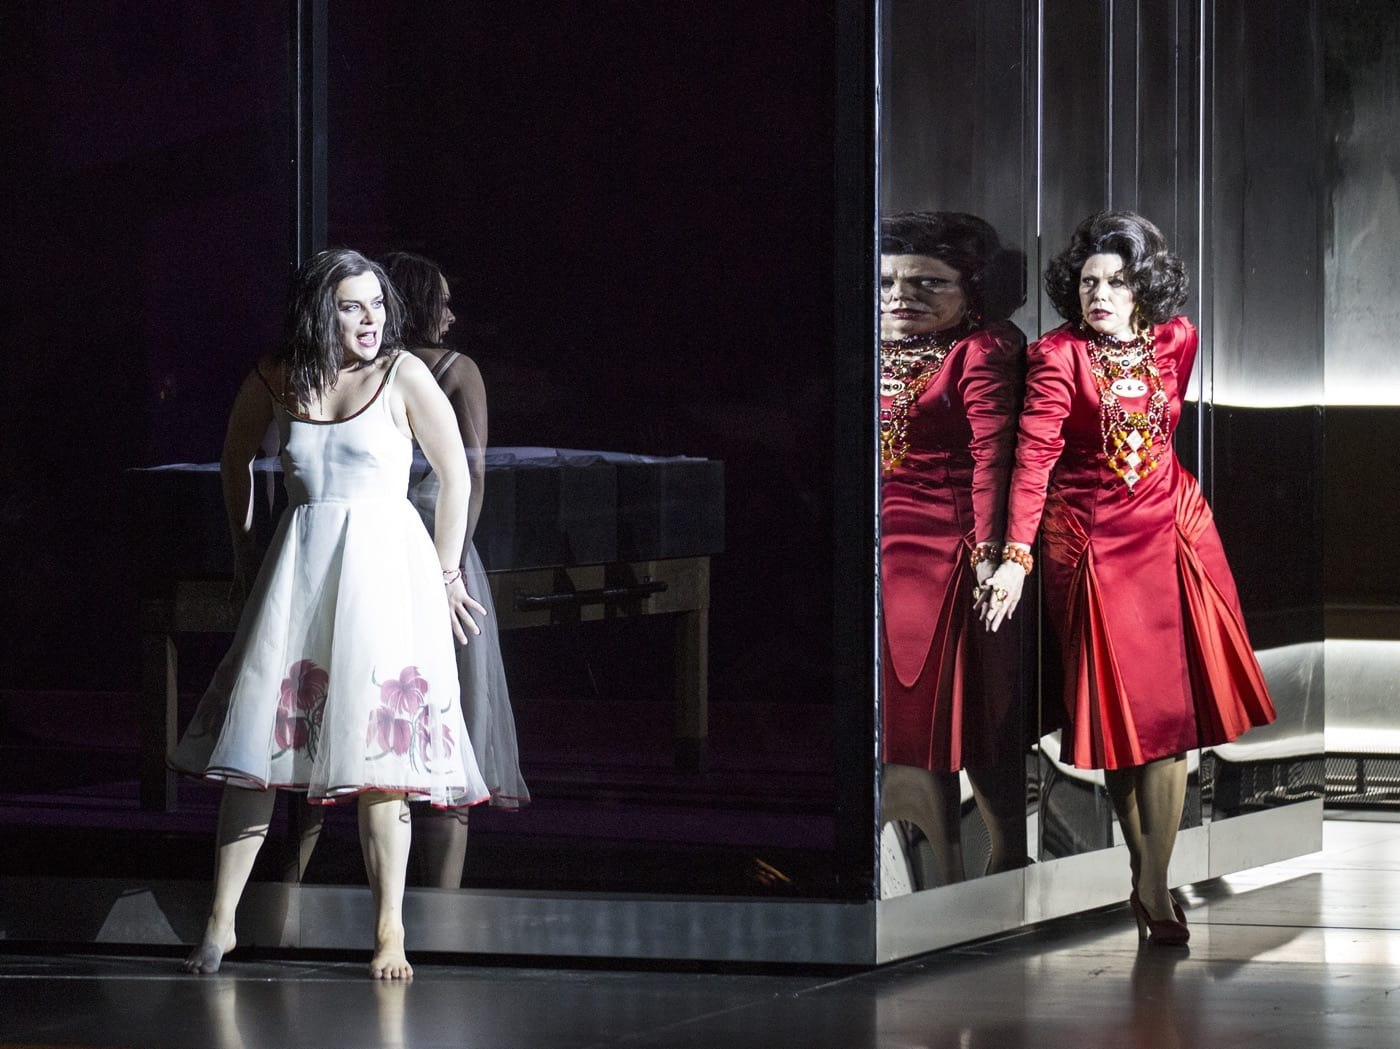 observer.com - James Jorden - Opera Returns to the Salzburg Festival, Chic and Expensive as Ever